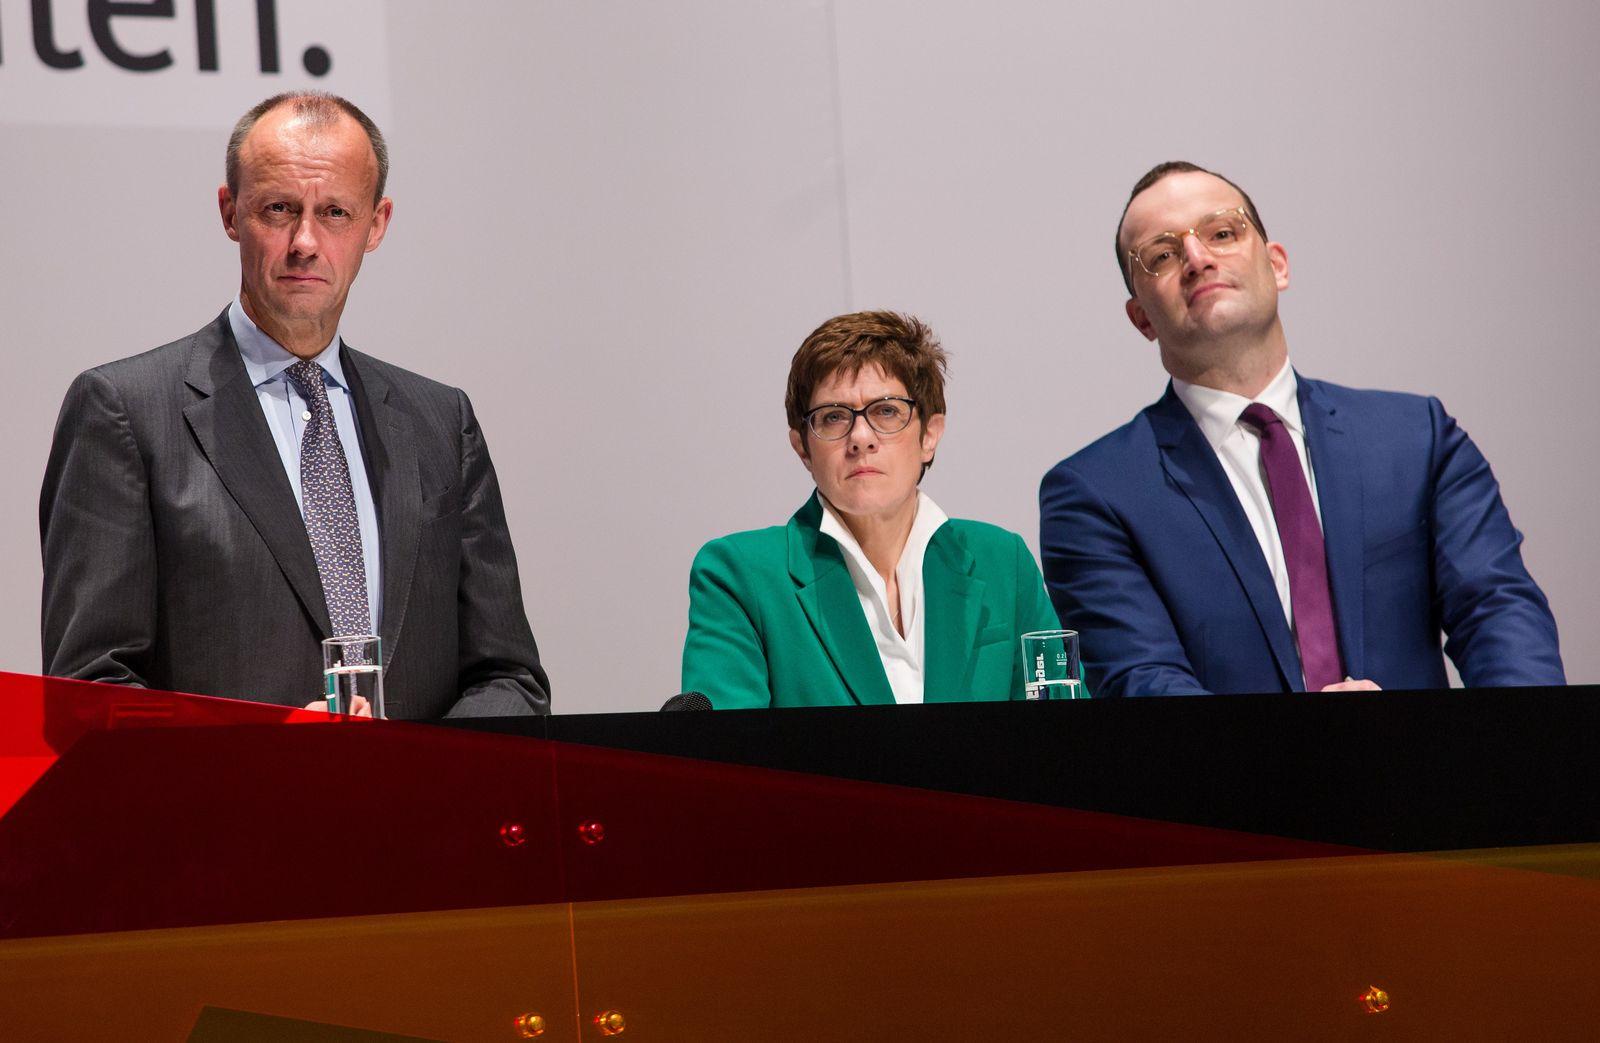 CDU Merz AKK Spahn